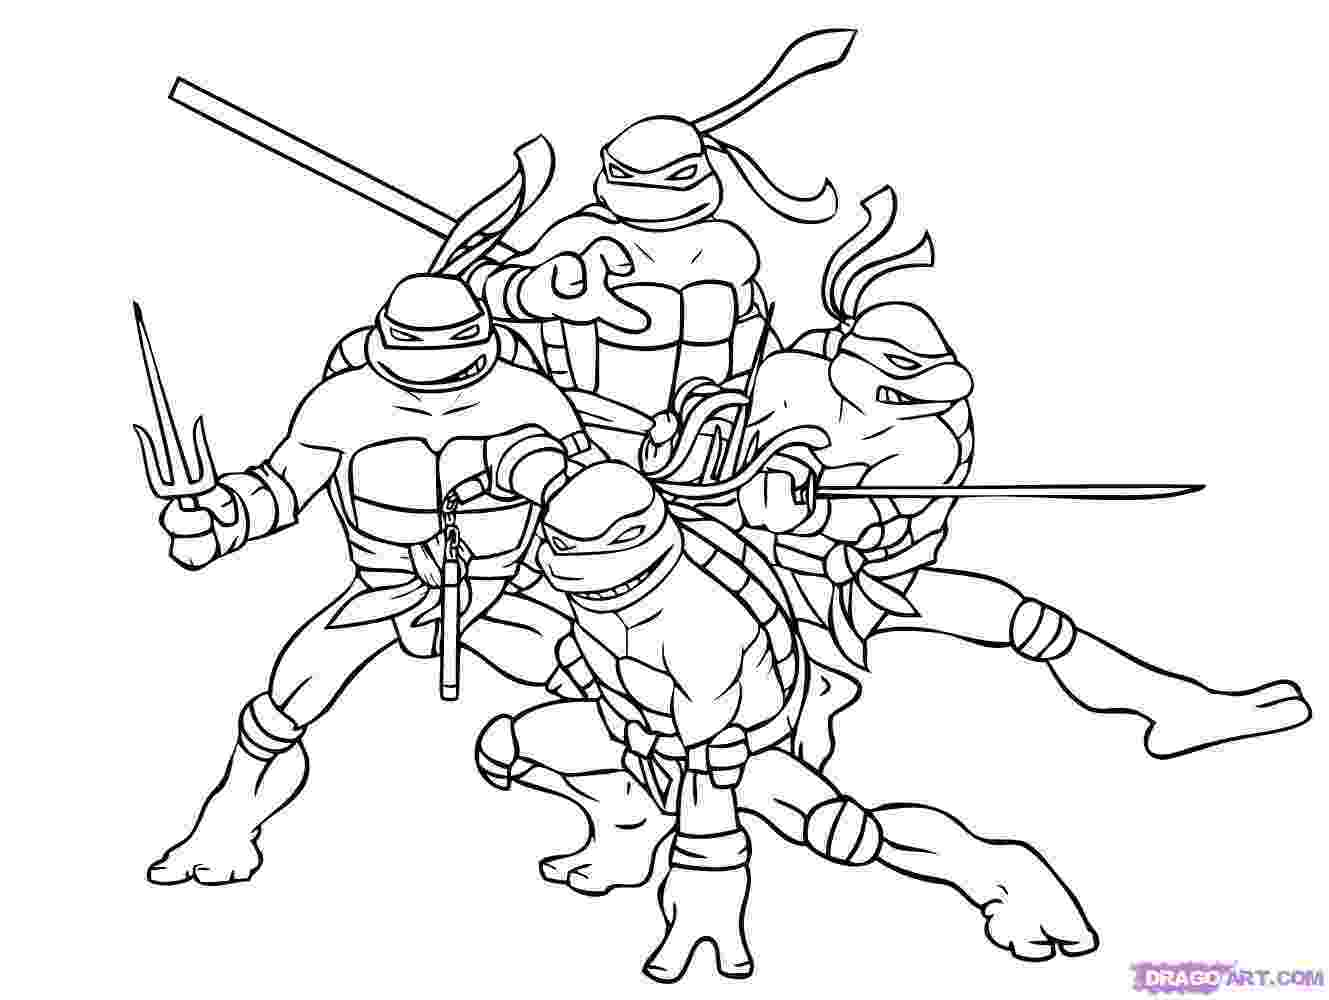 ninja turtles for coloring nickelodeon teenage mutant ninja turtles coloring pages for coloring ninja turtles